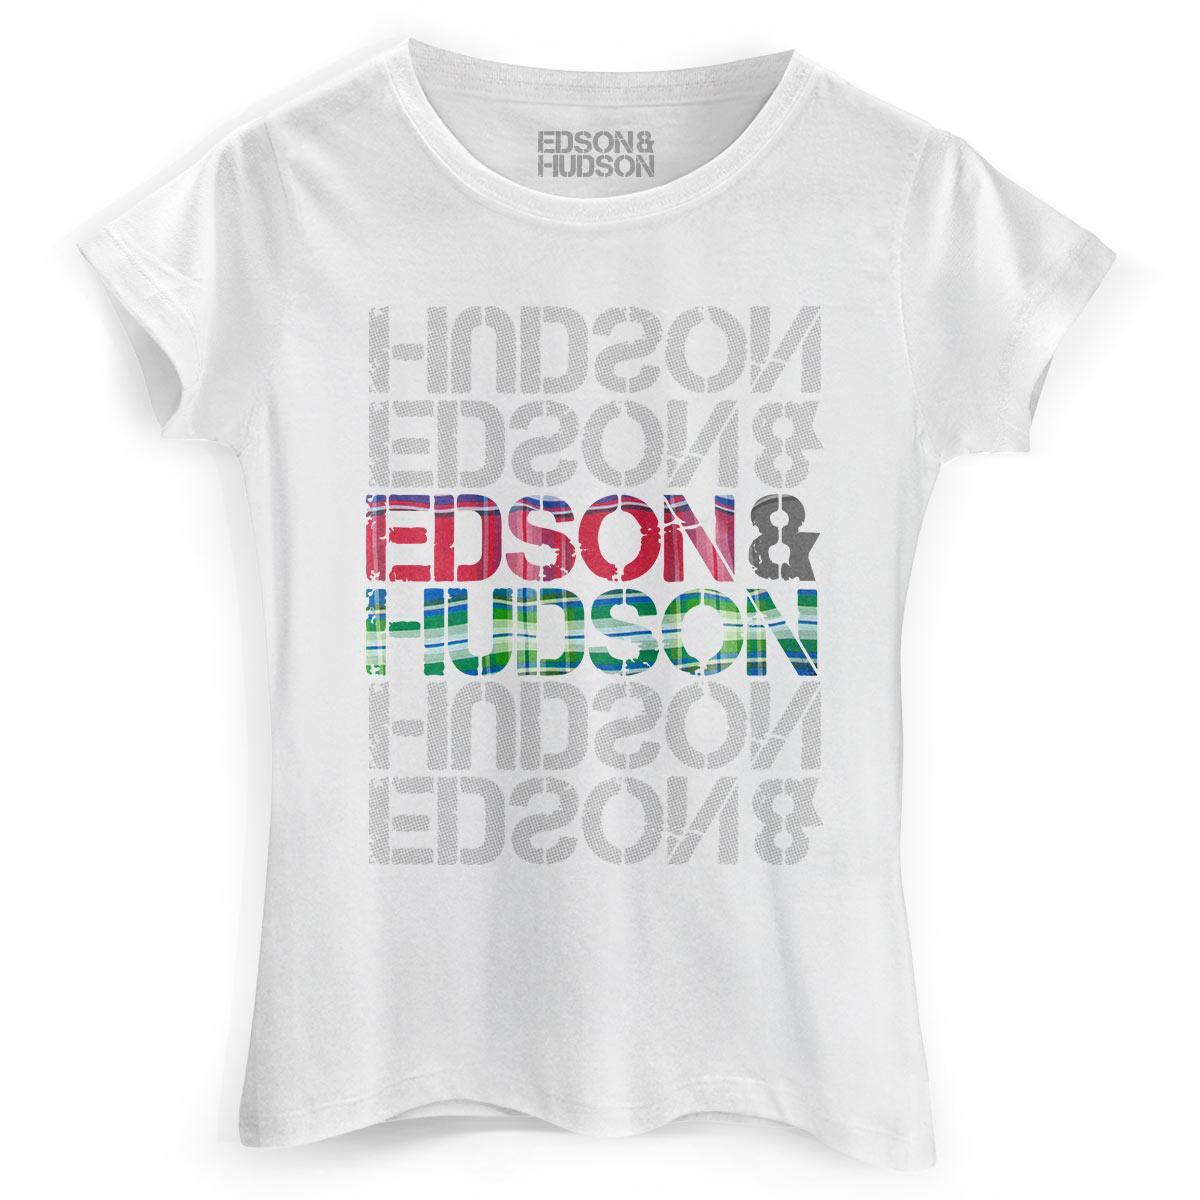 Camiseta Feminina Edson & Hudson Type